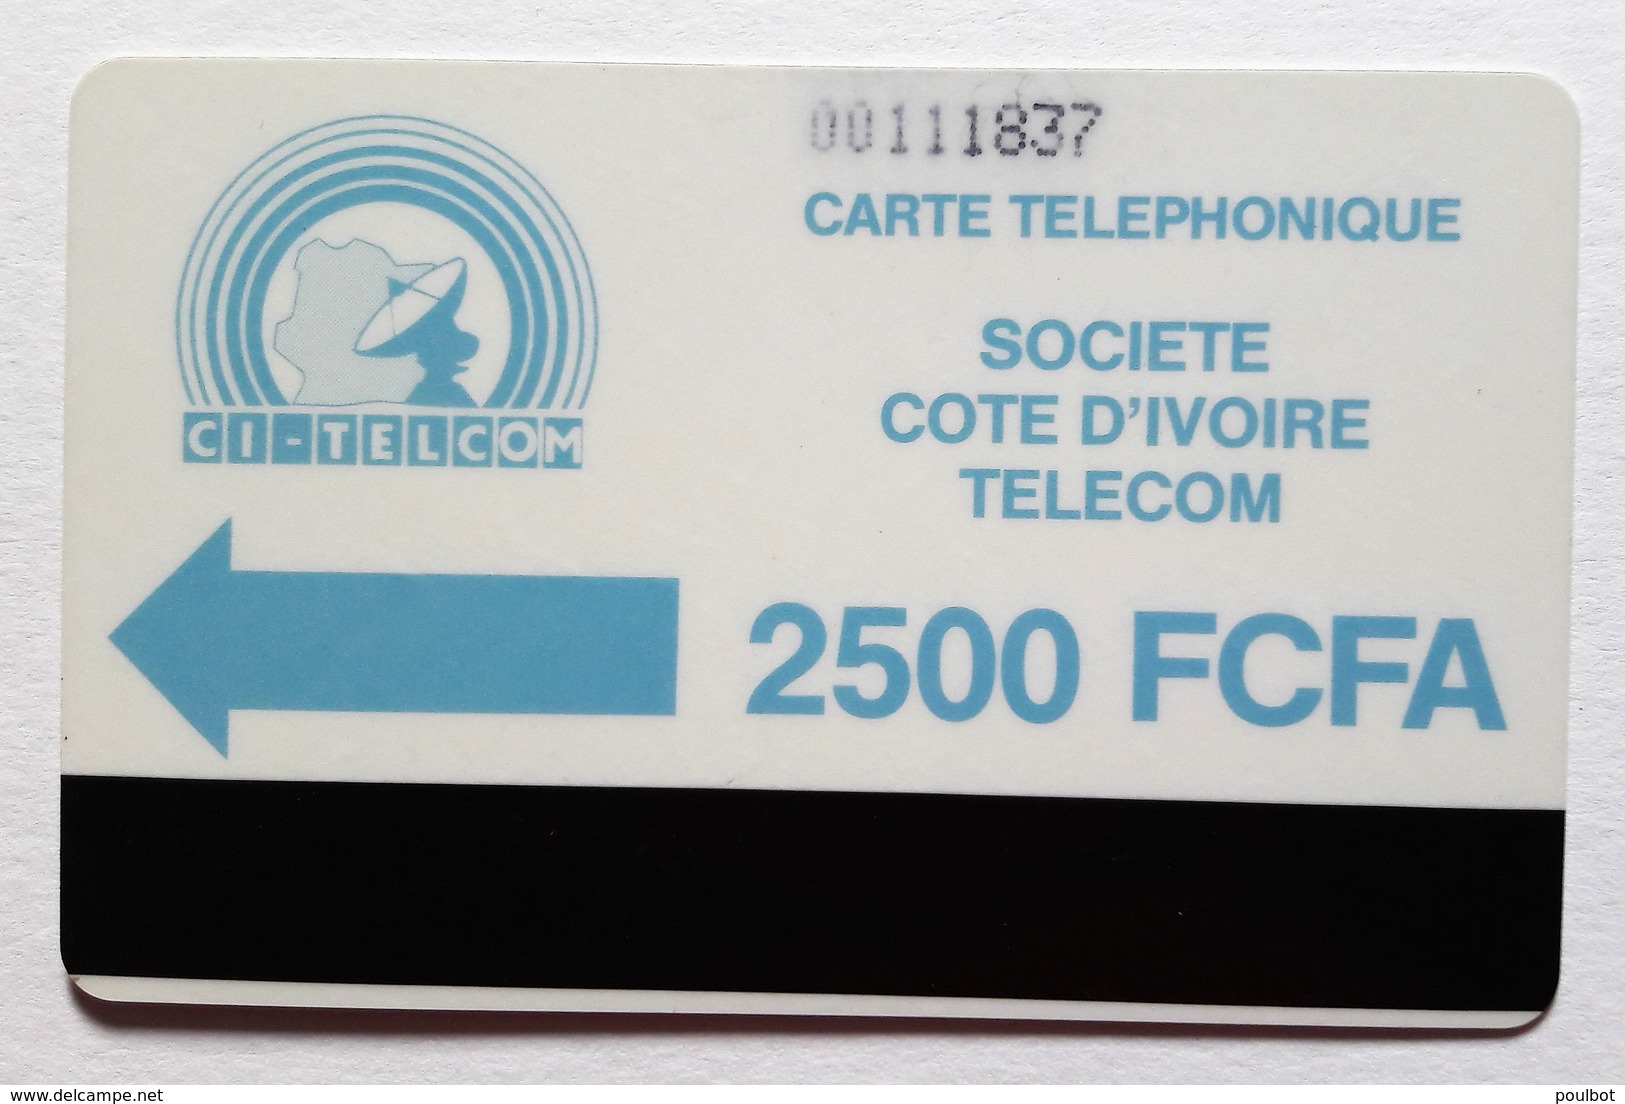 Cote D'Ivoire Télecarte Bande Magnétique - Ivory Coast